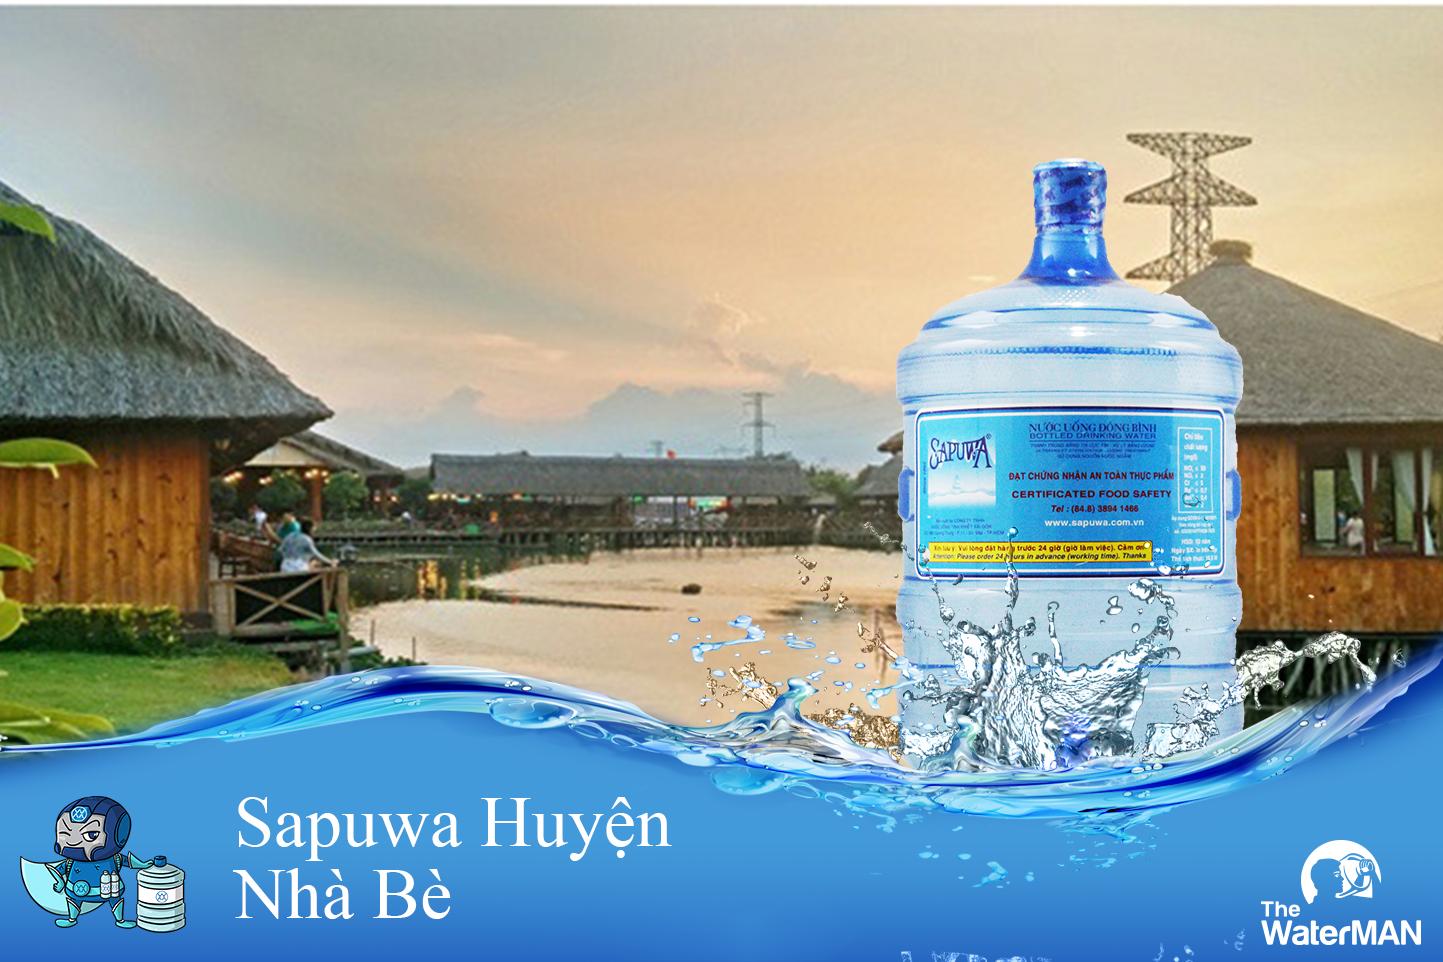 Đại Lý Nước Tinh Khiết Sapuwa Huyện Nhà Bè